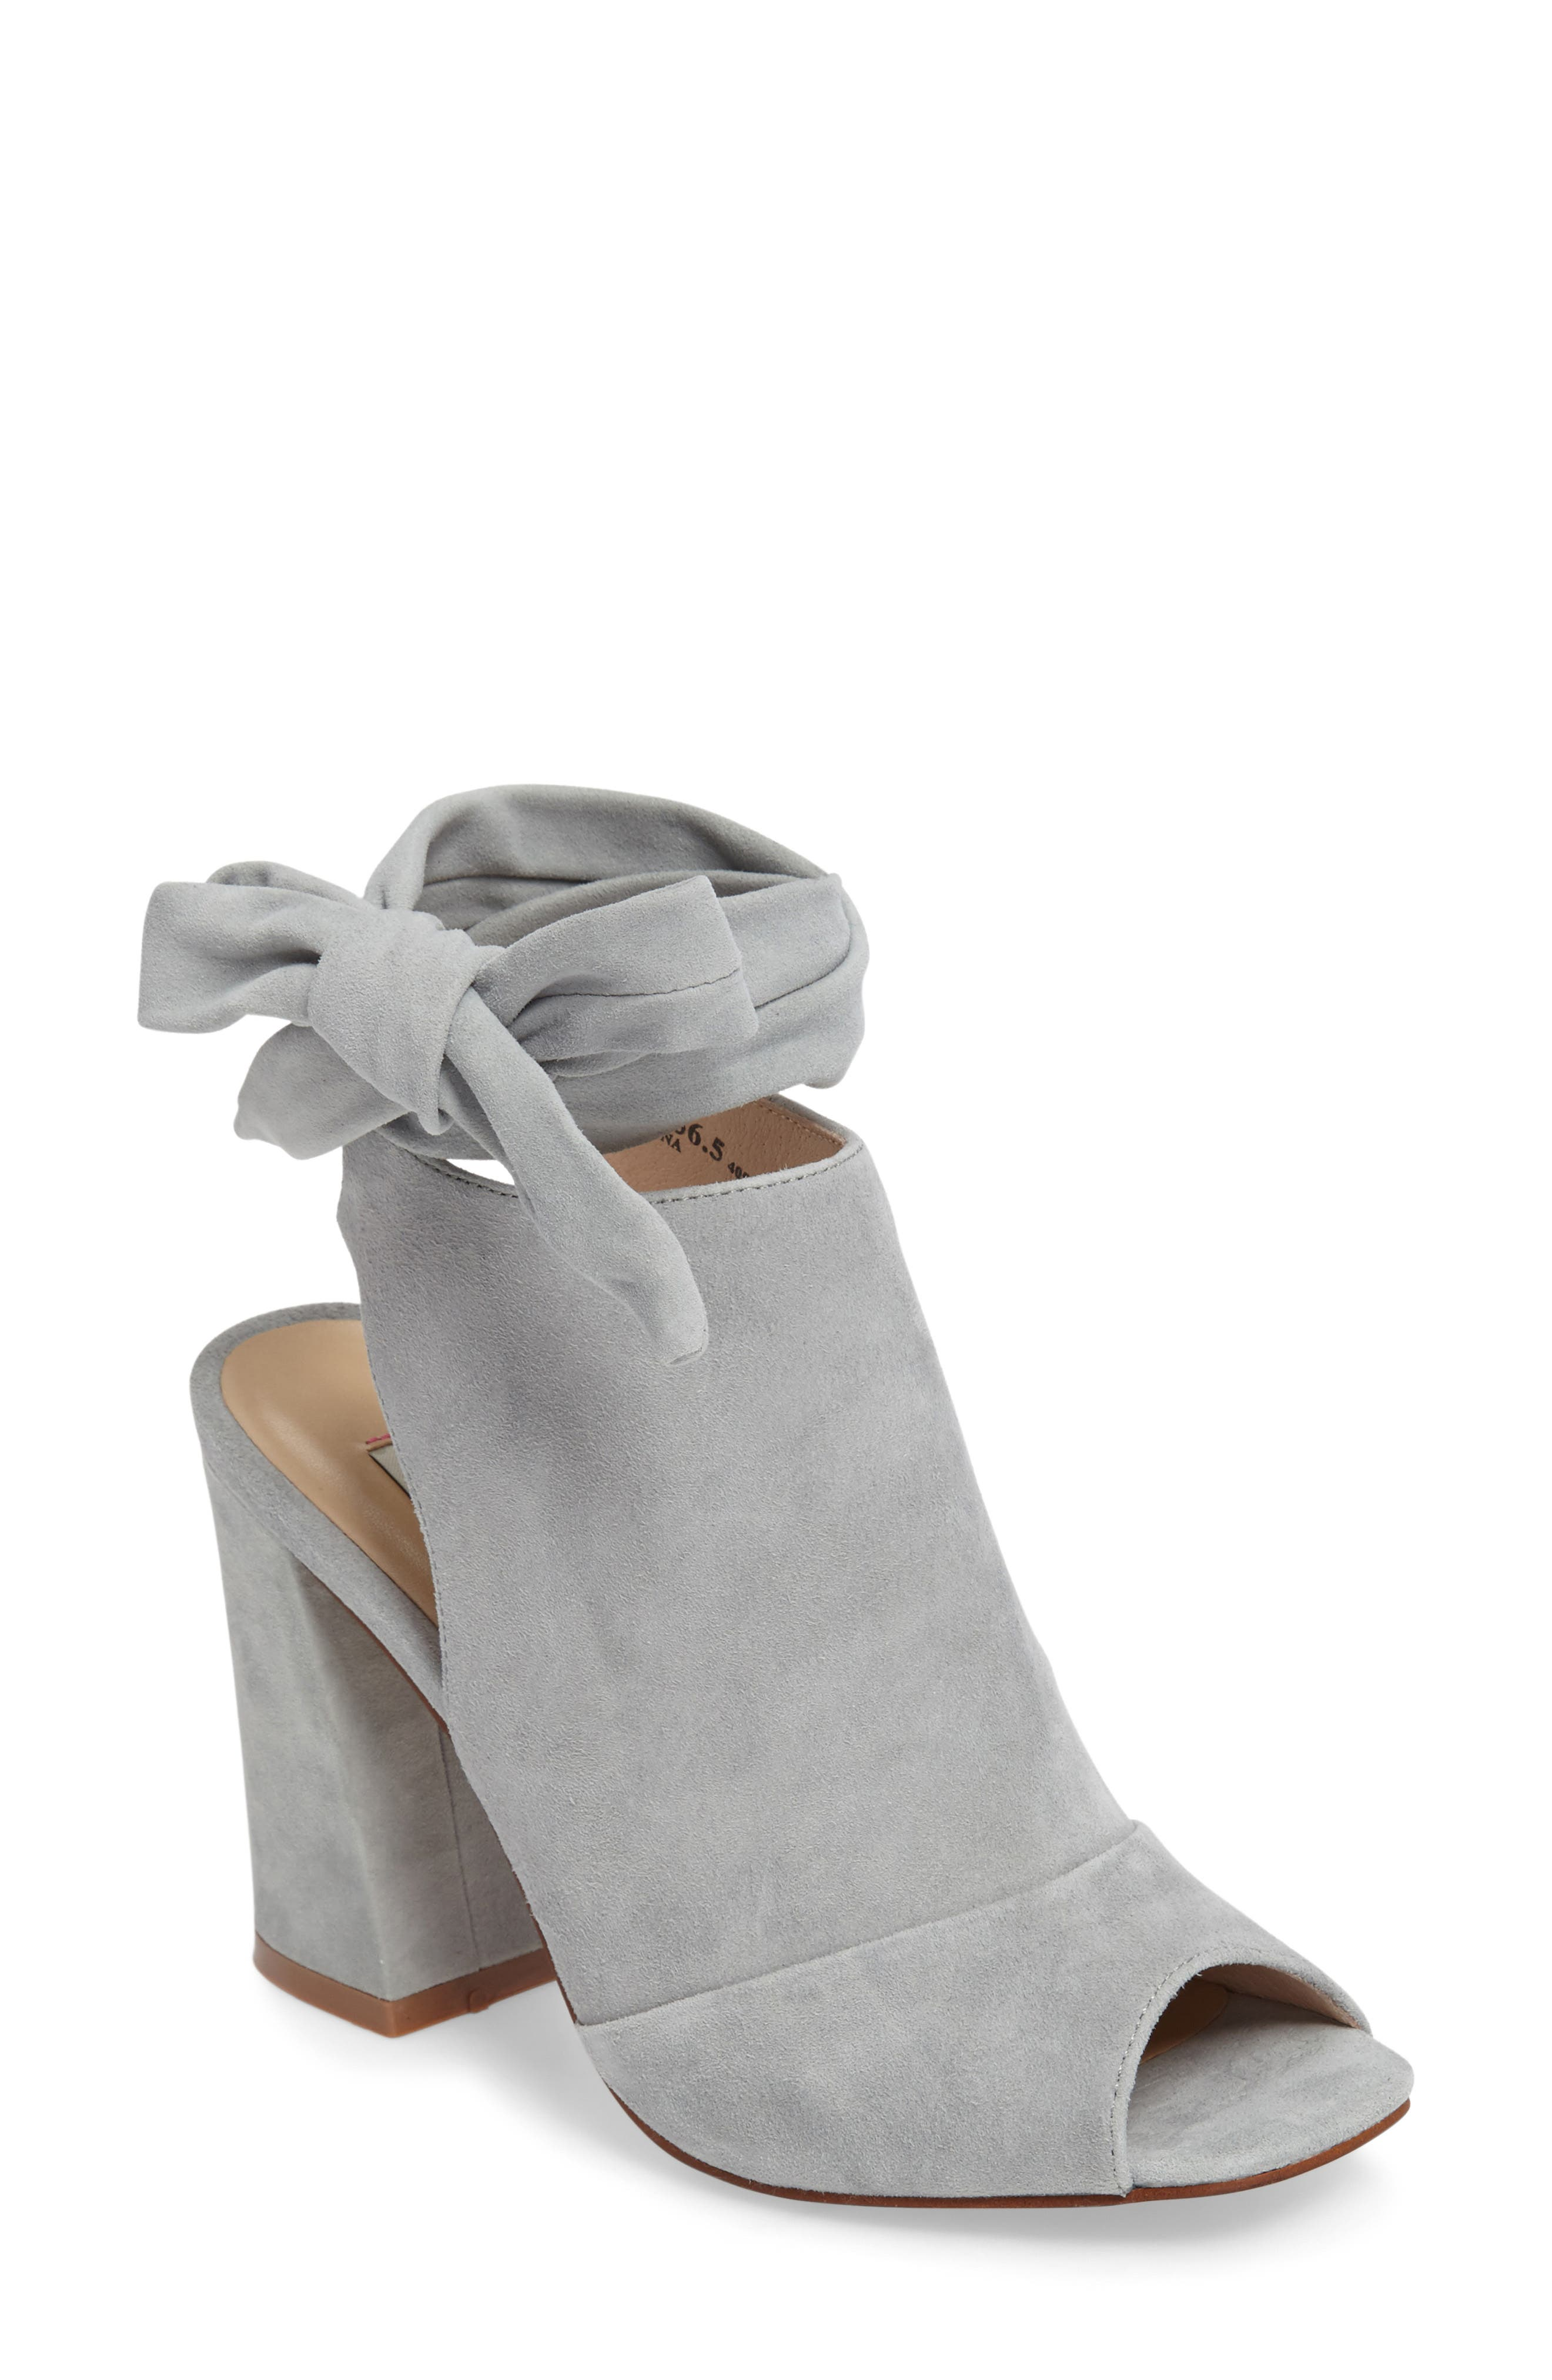 Main Image - Kristin Cavallari Leeds Peep Toe Bootie (Women)